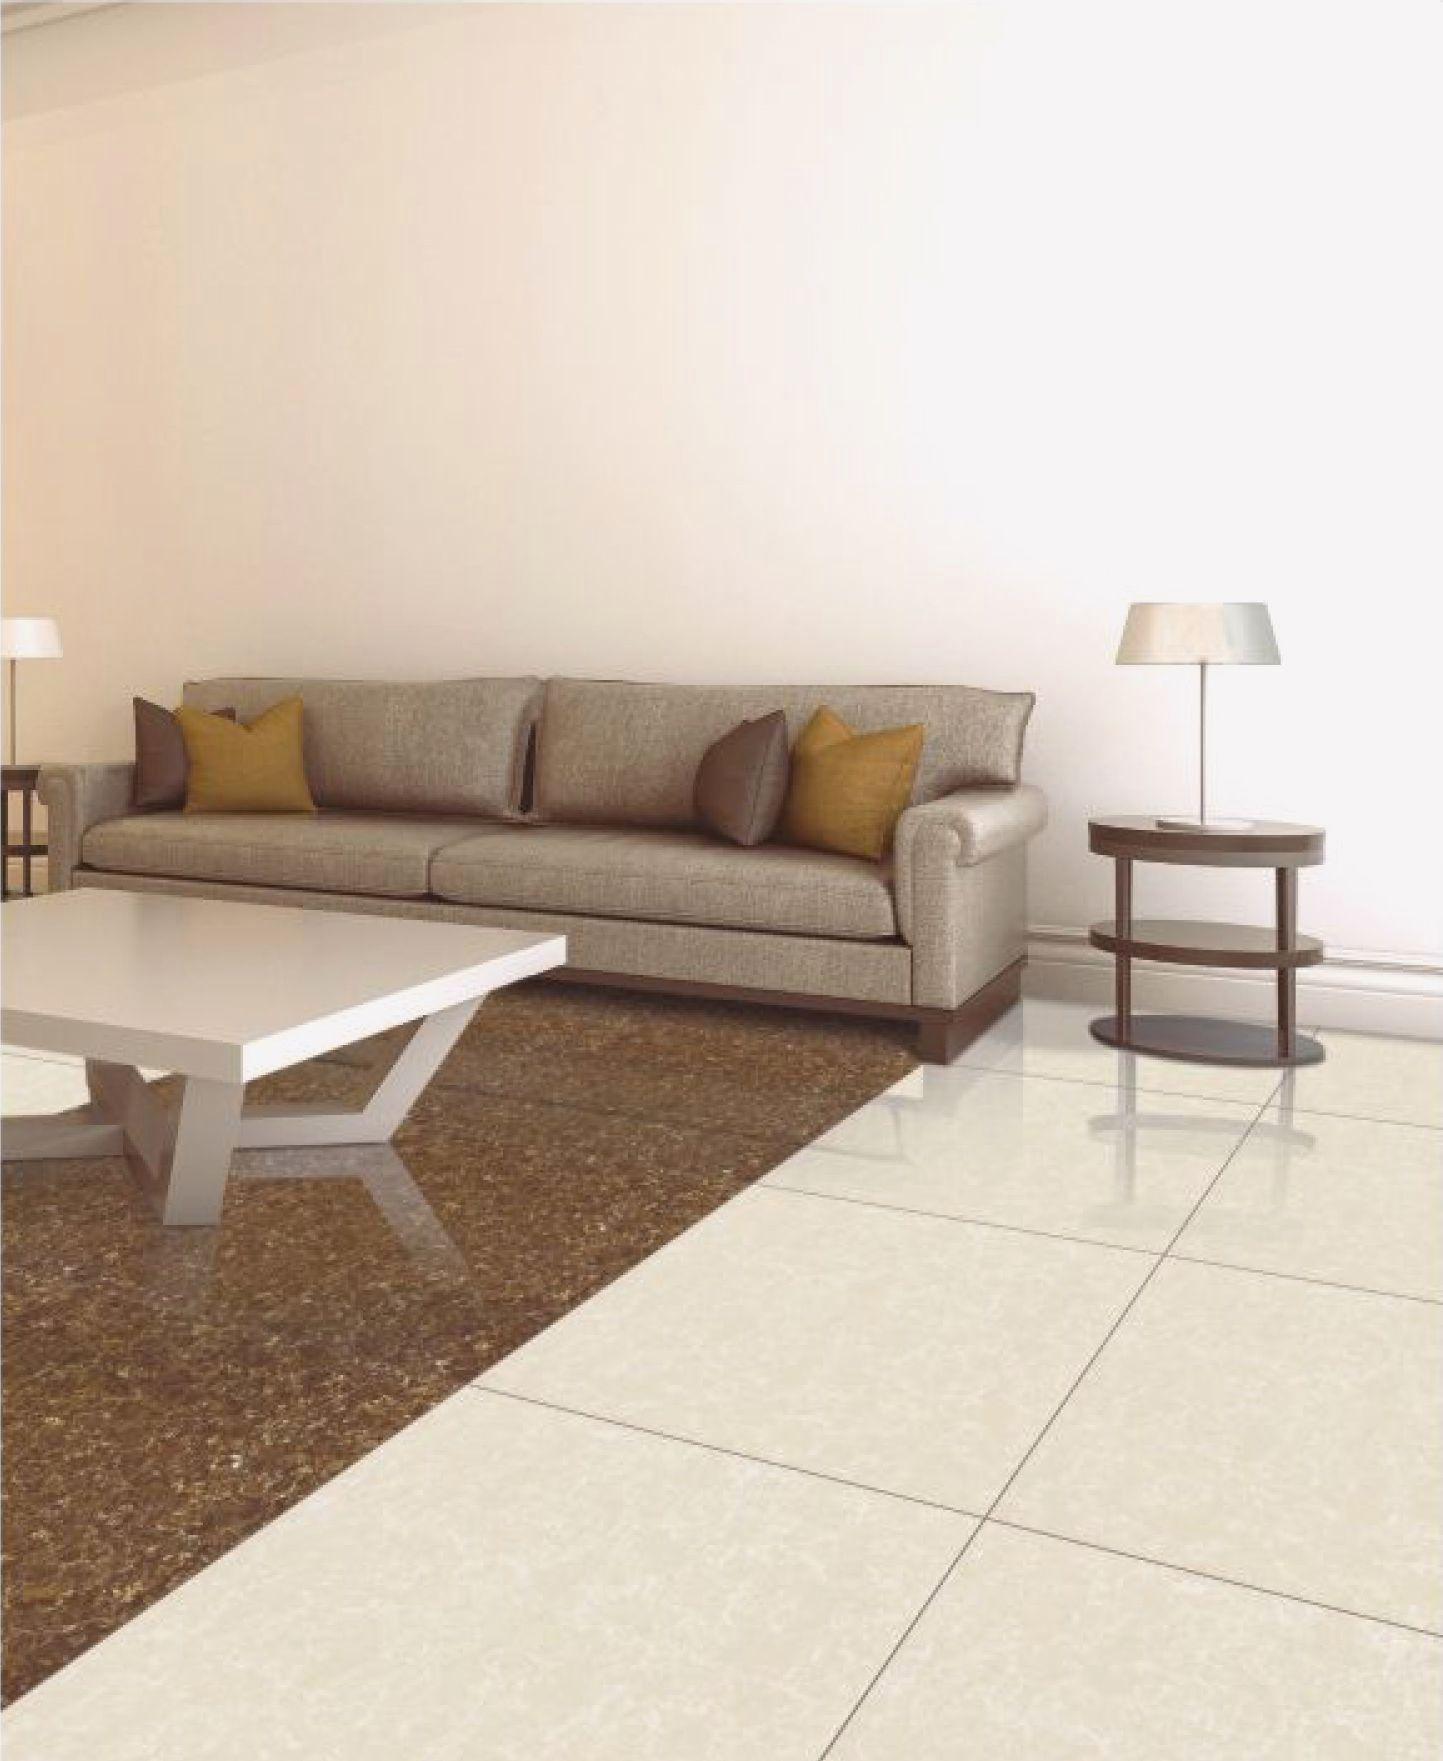 20 Vitrified Floor Tiles Design For Bedroom In 2020 Floor De